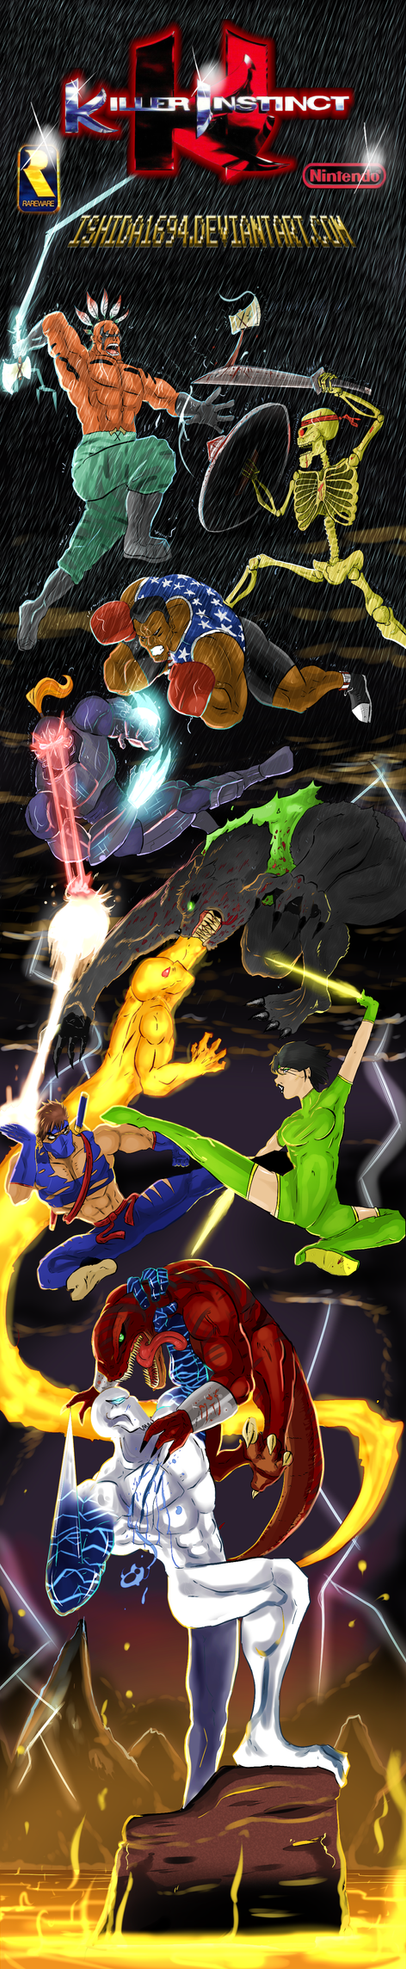 KILLER INSTINCT by Ishida1694